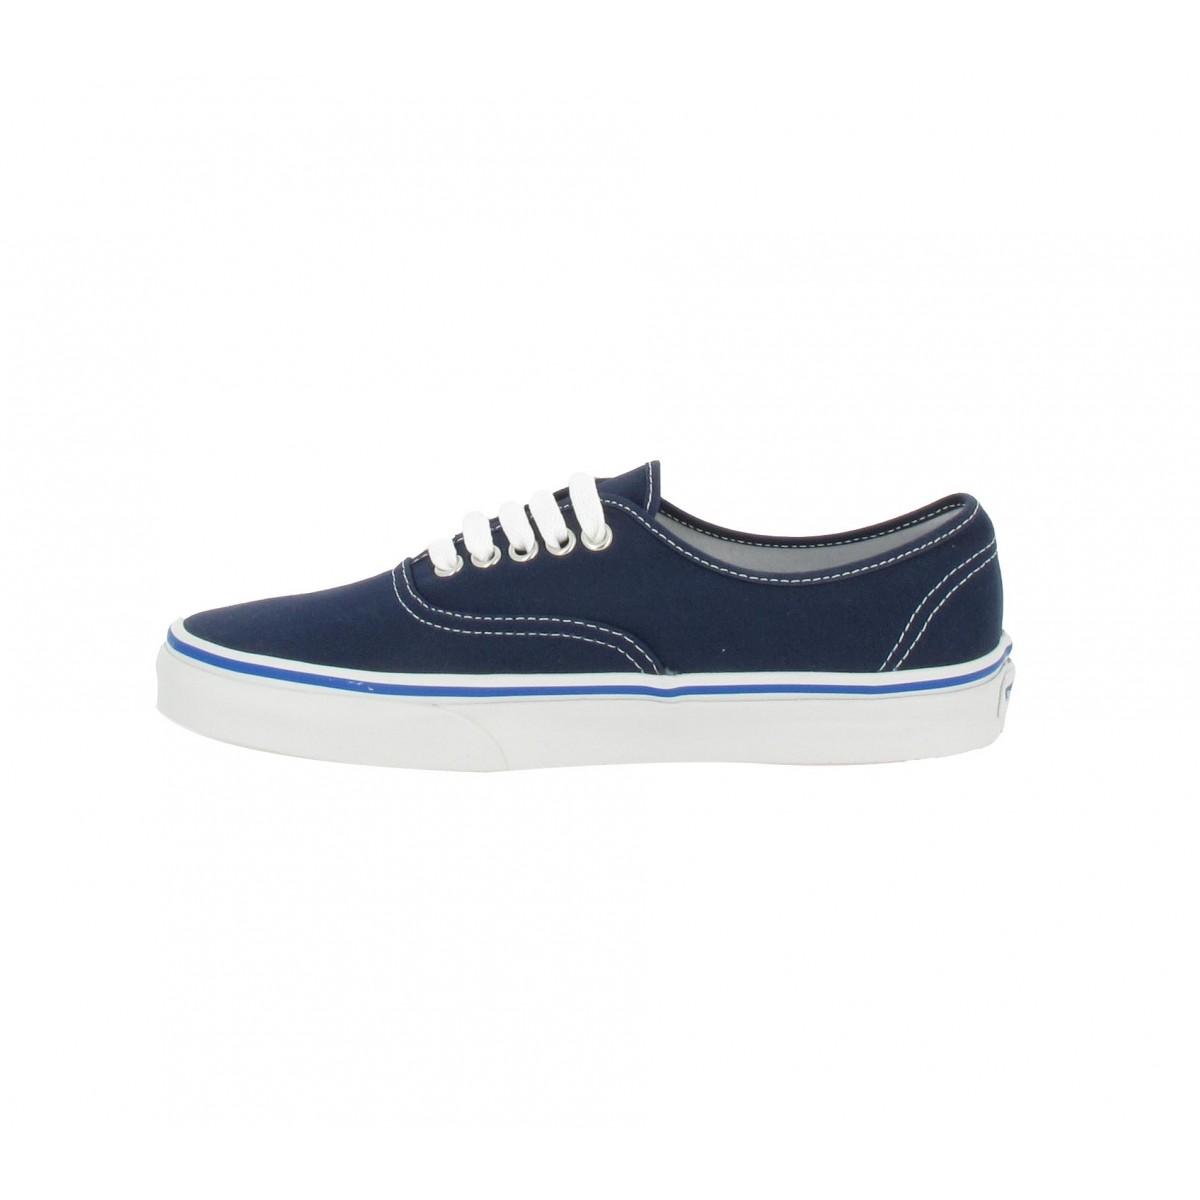 Vans authentic toile femme bleu nautical | Fanny chaussures